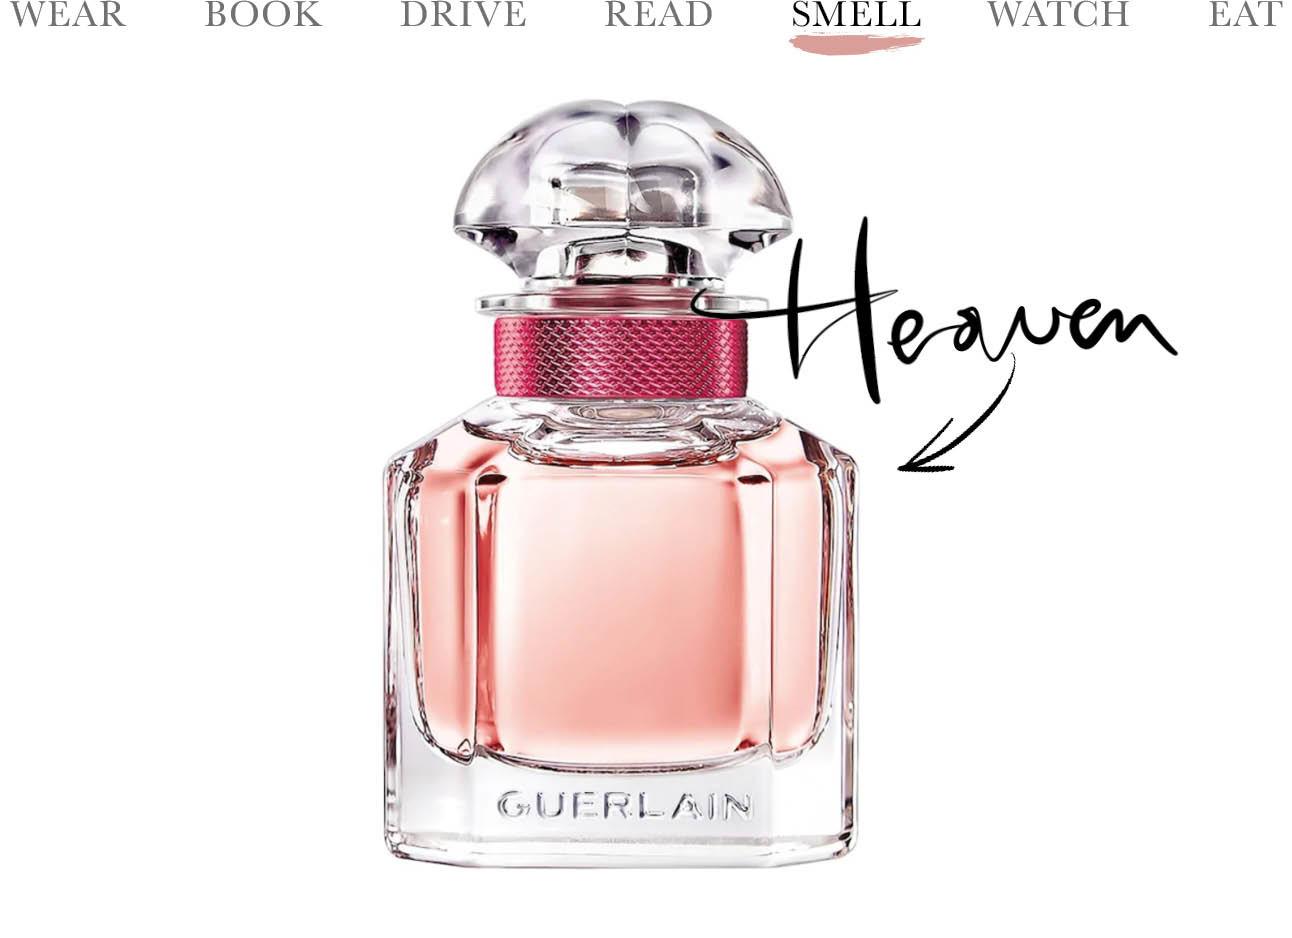 Guerlain Parfum Rose